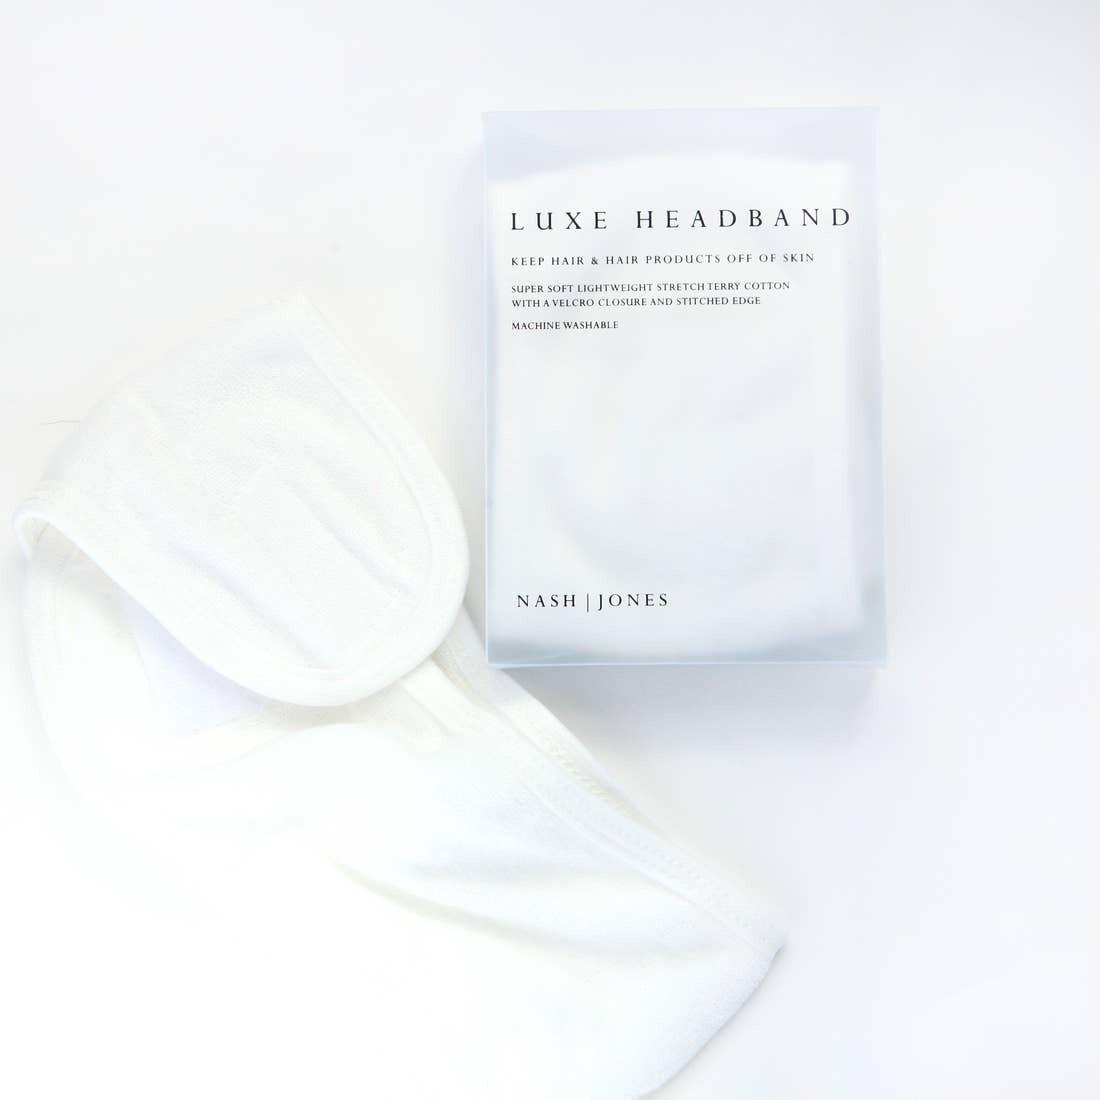 Luxe Headband